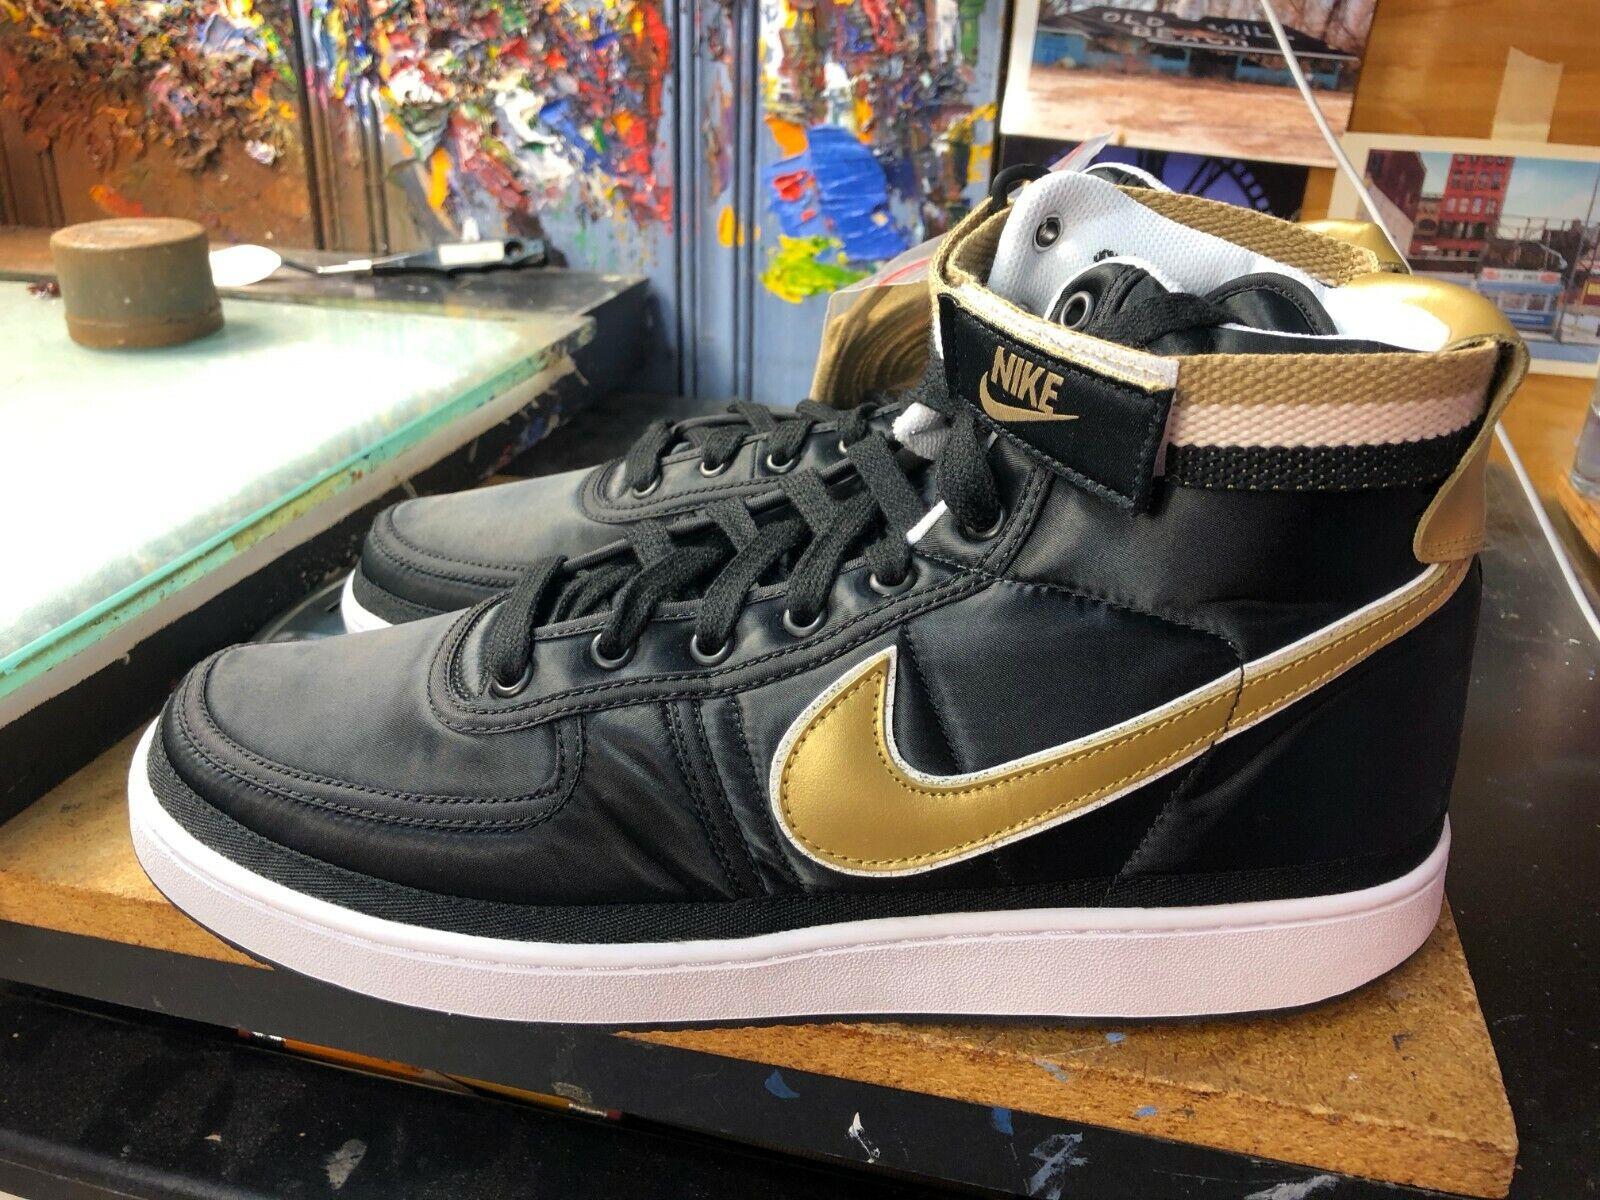 Nike Vandal High Supreme Black Metallic gold Size US 10.5 Men's AH8652 002 New